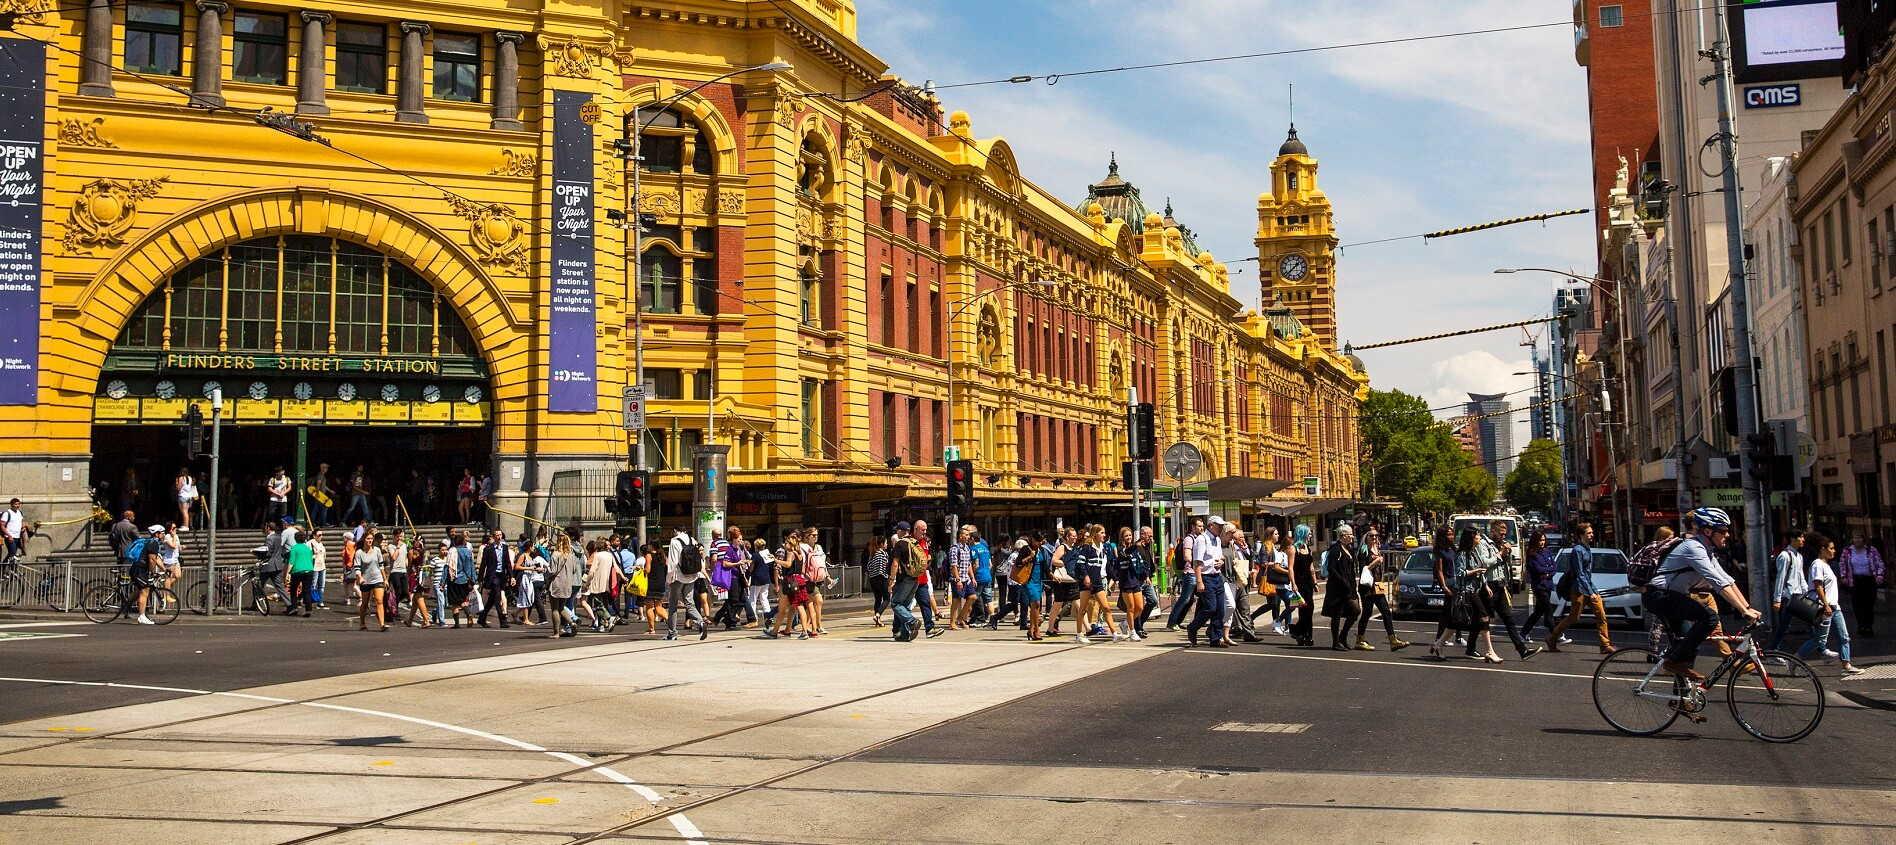 Melbourne-Flinders-Station-2000-1.jpg